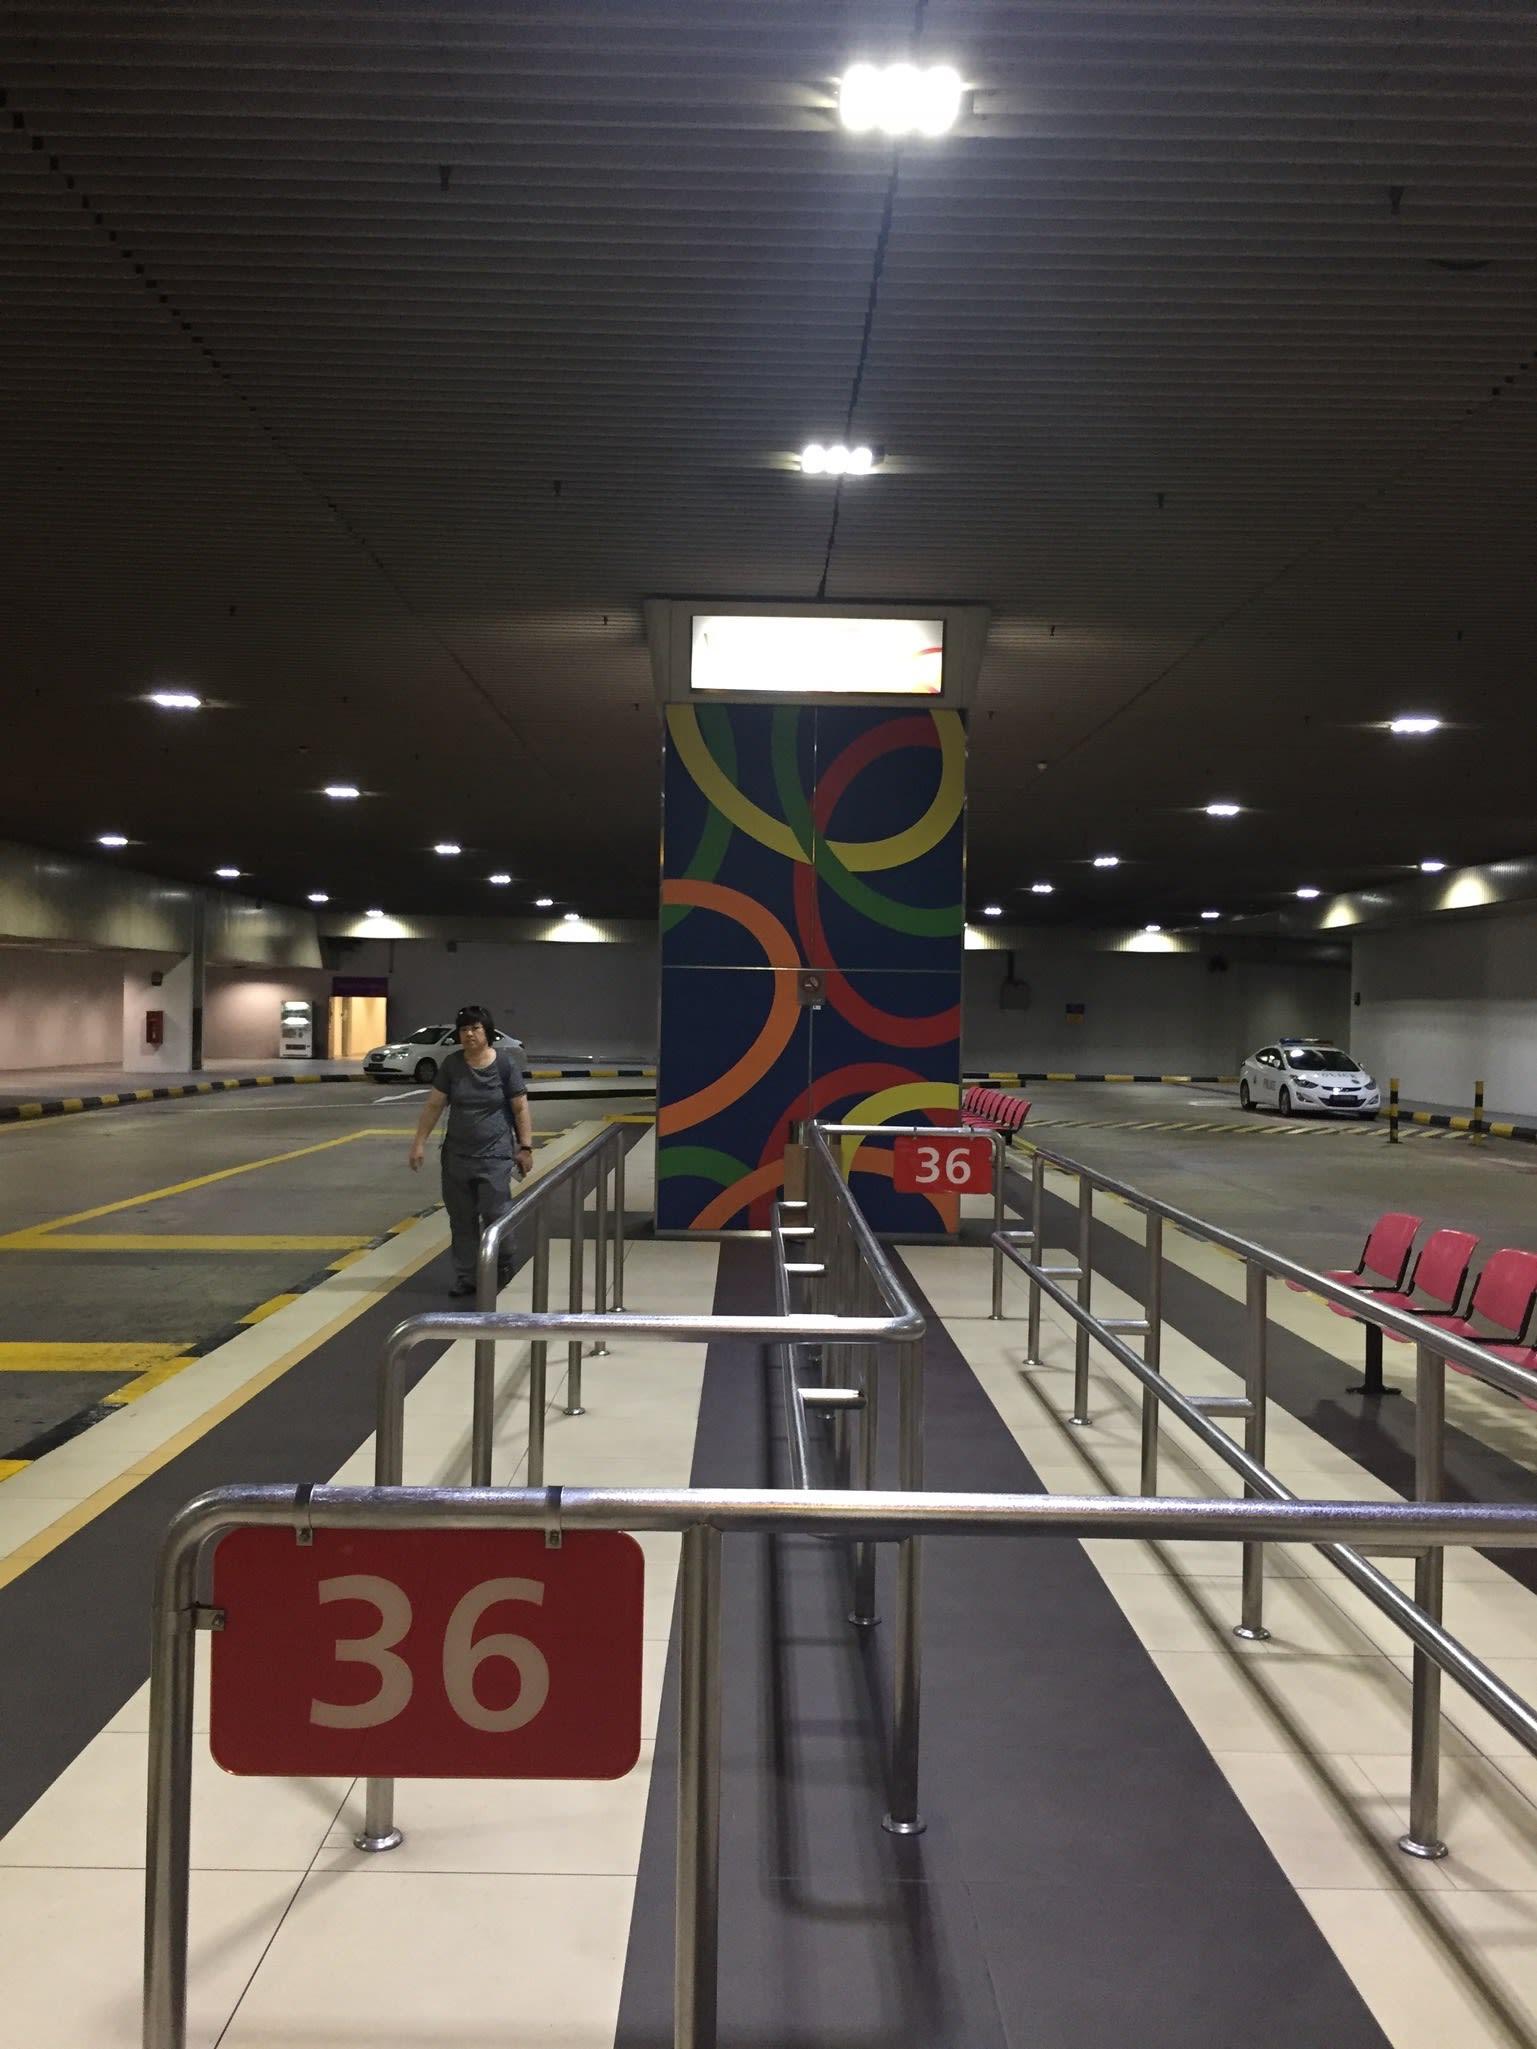 地 下 室 巴 士 終 點 站 。